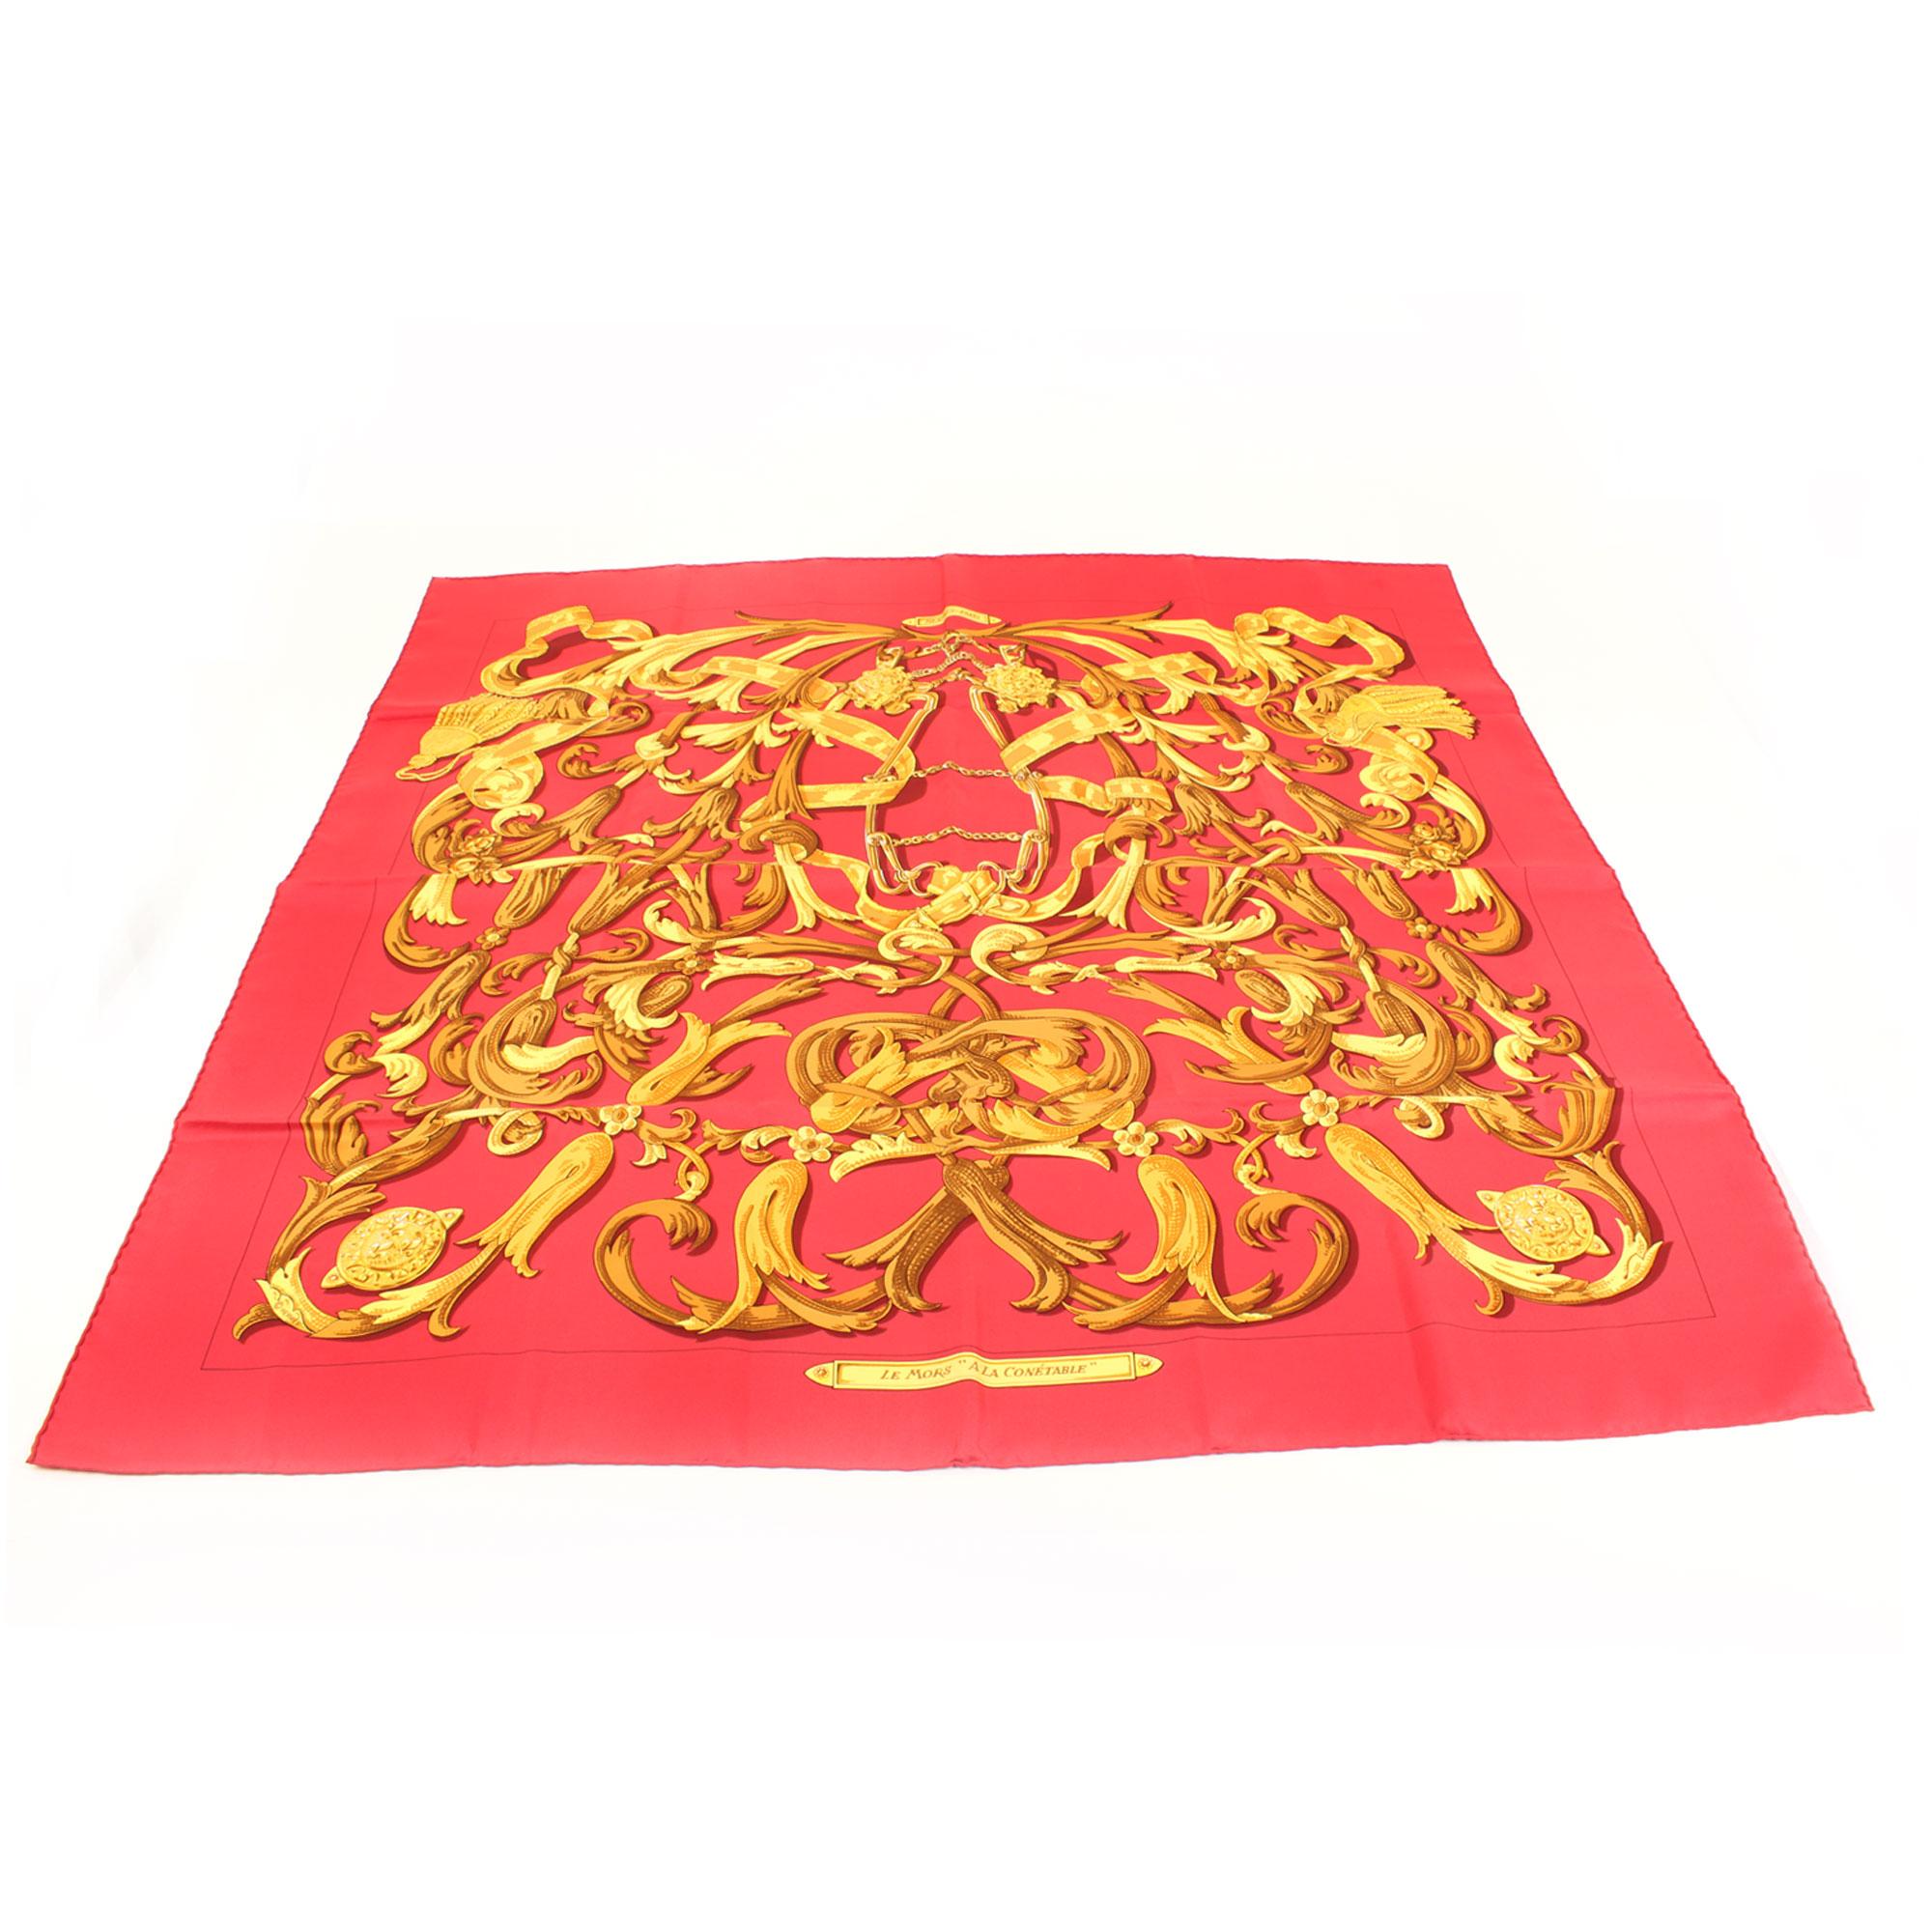 Imagen general del hermes carre le mors a la conetable rojo dorado